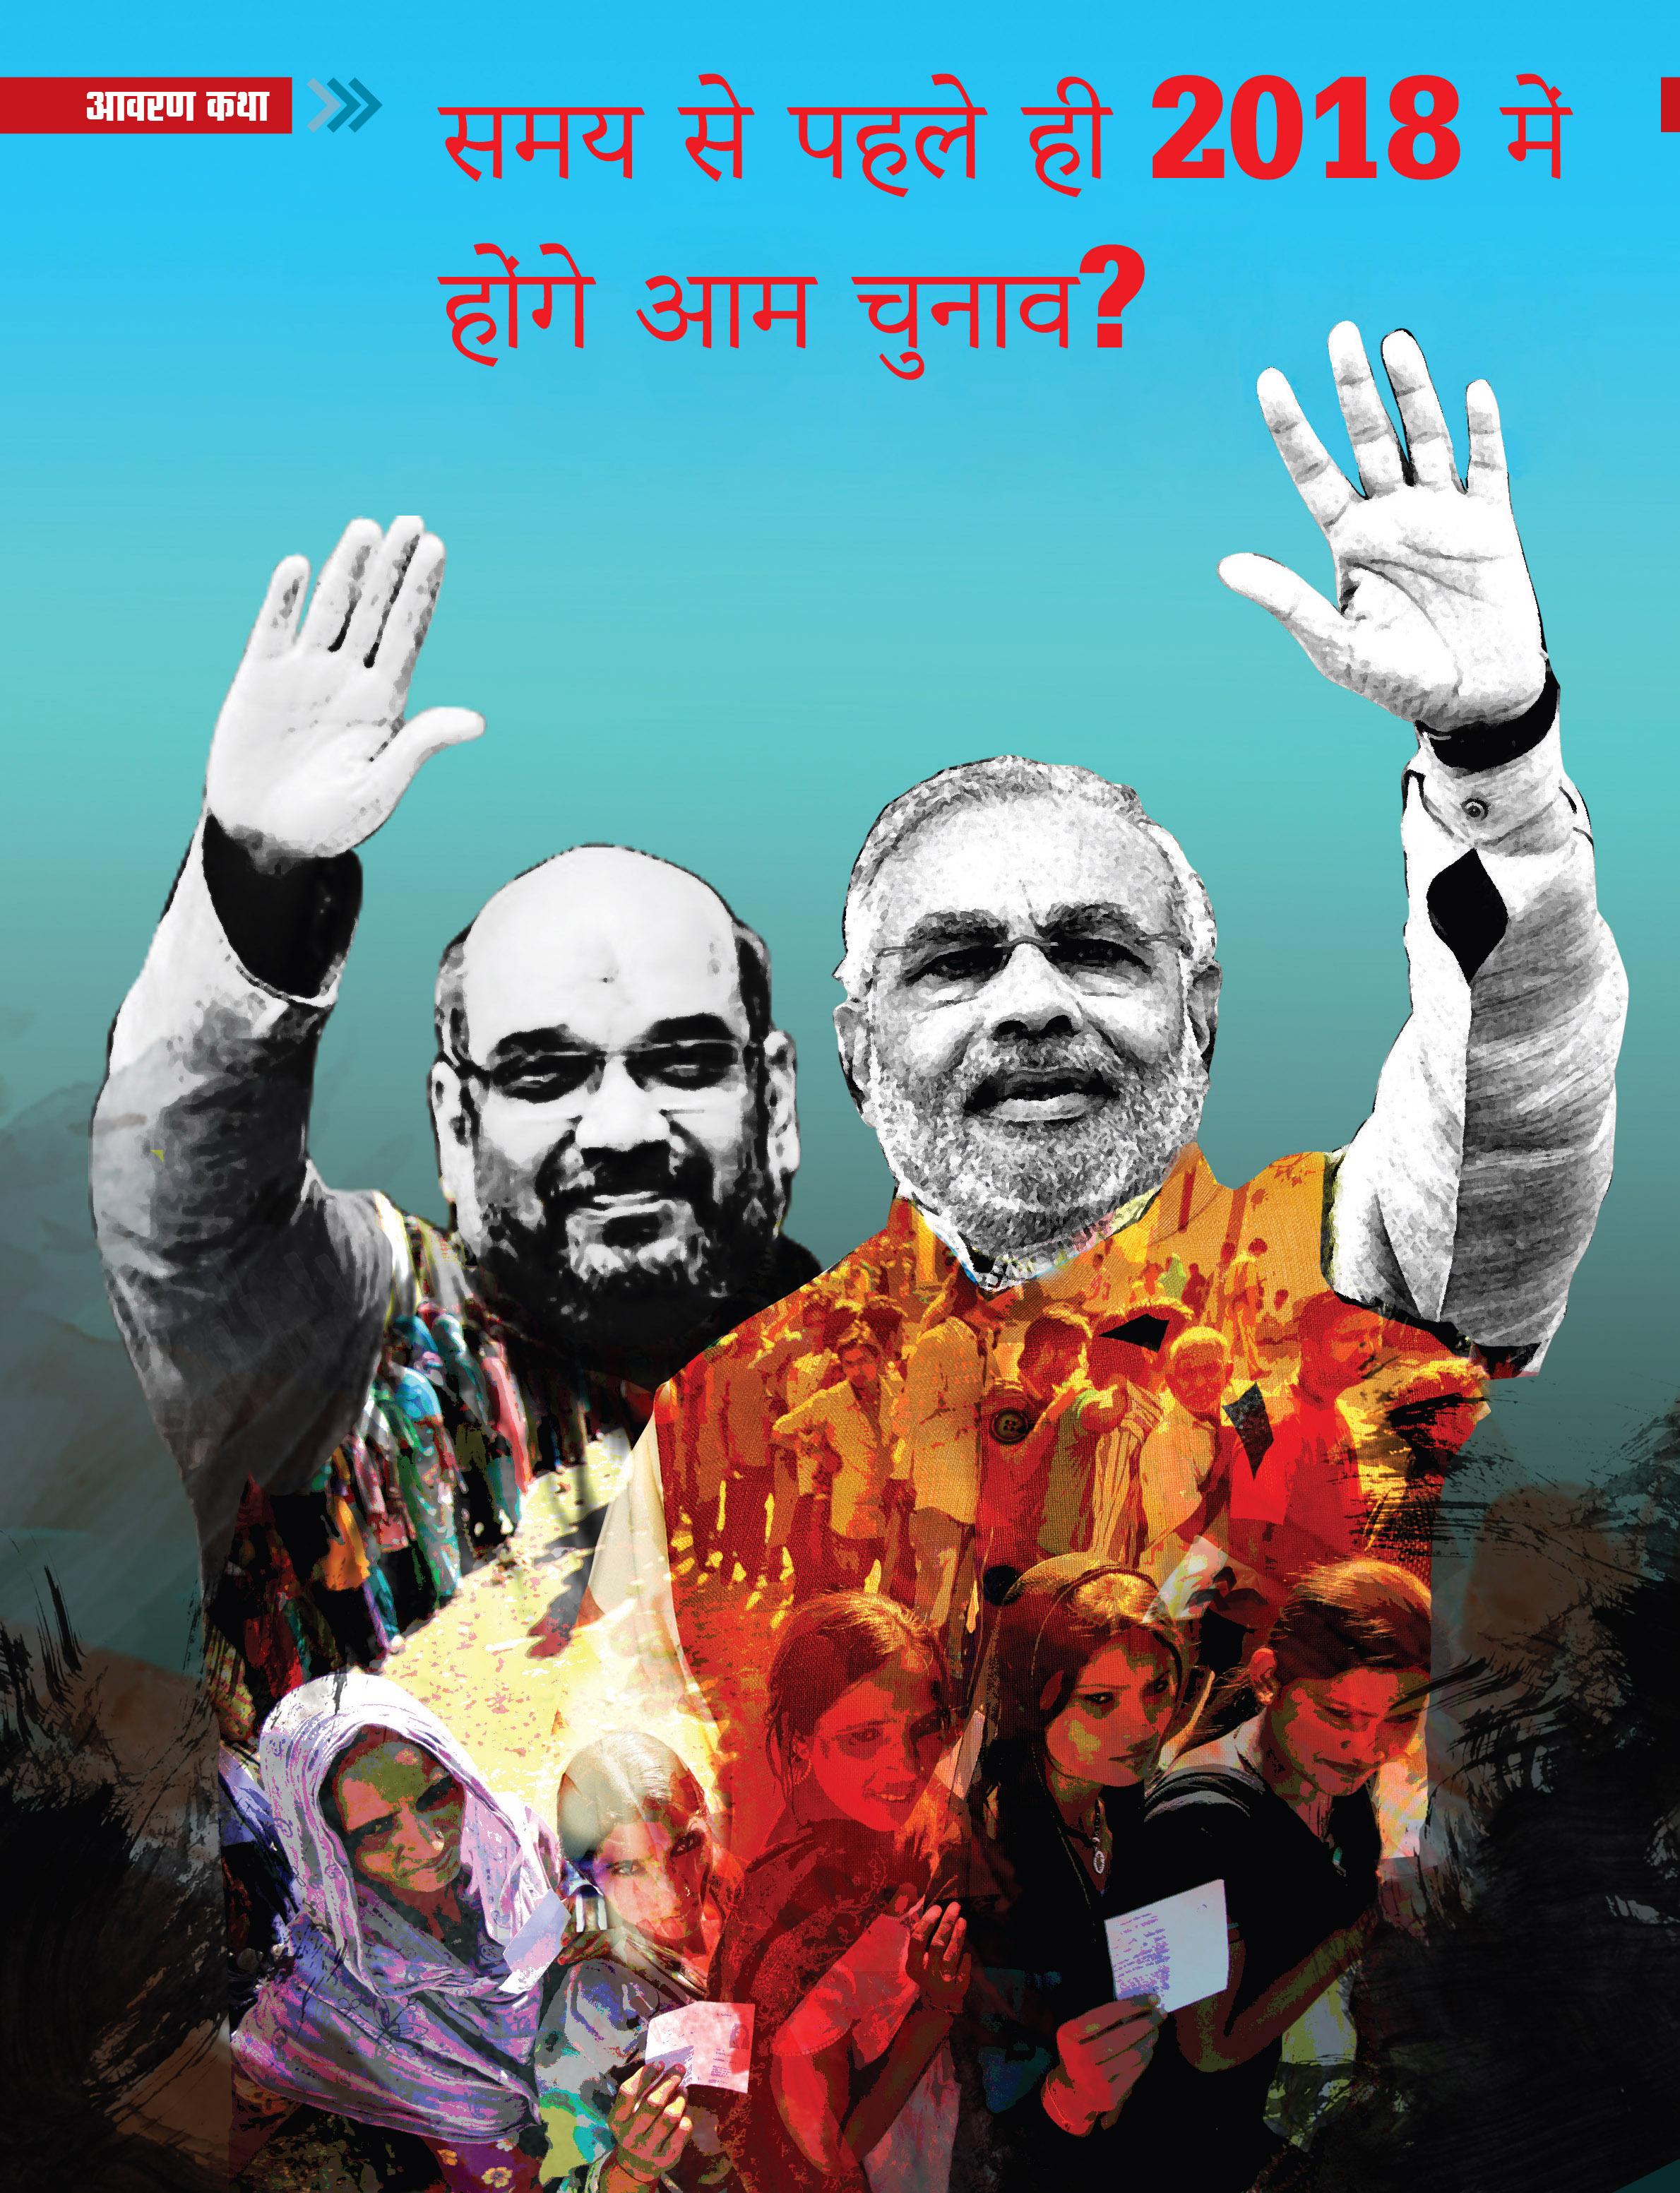 समय से पहले ही 2018 में होंगे आम चुनाव?